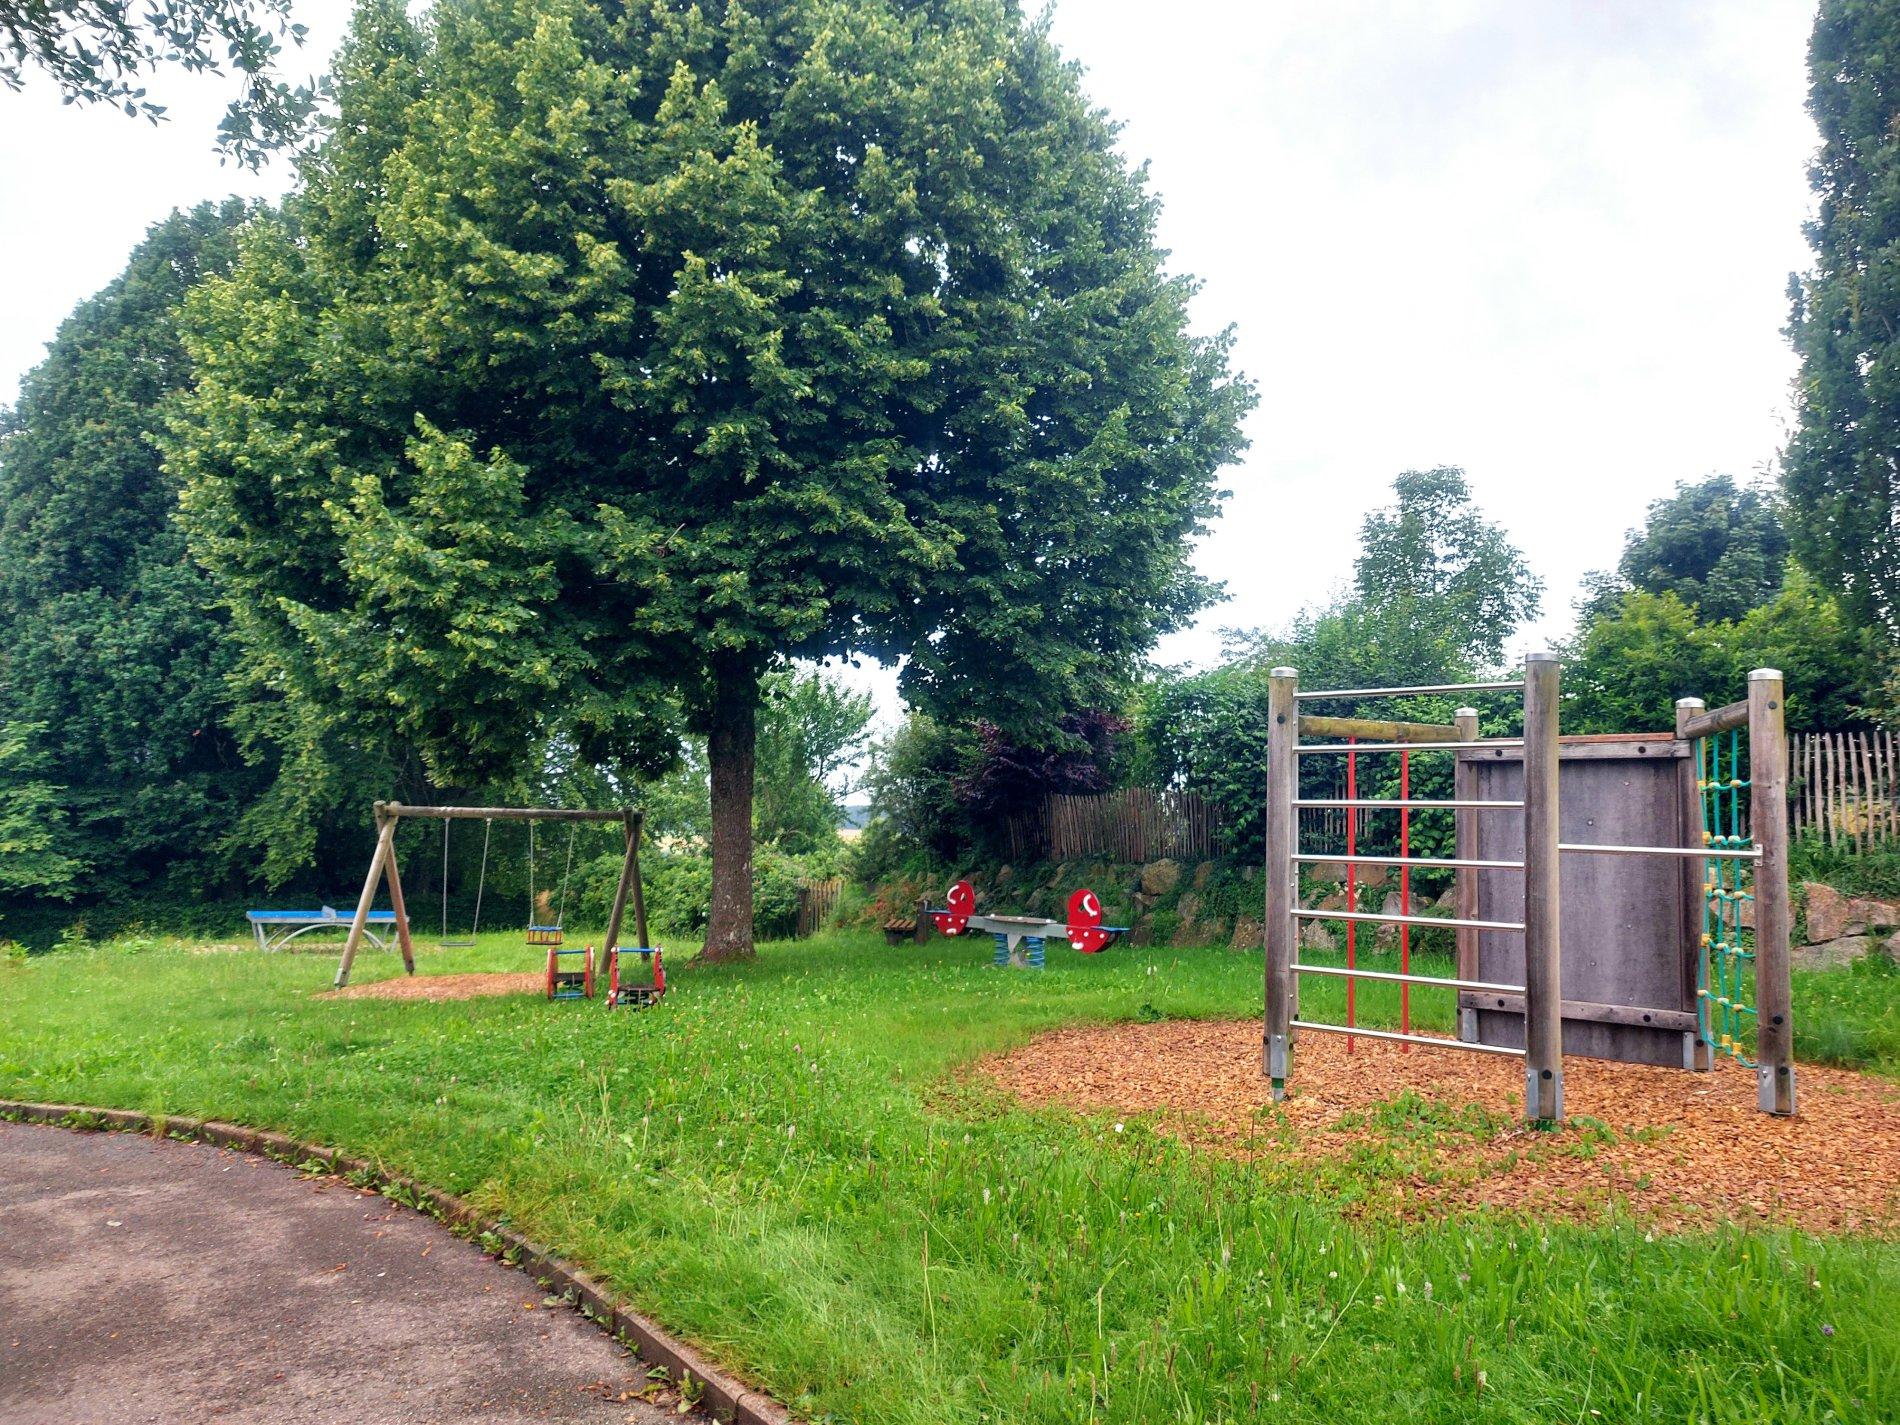 Spielplatz Albblickstrasse Calw-Altburg